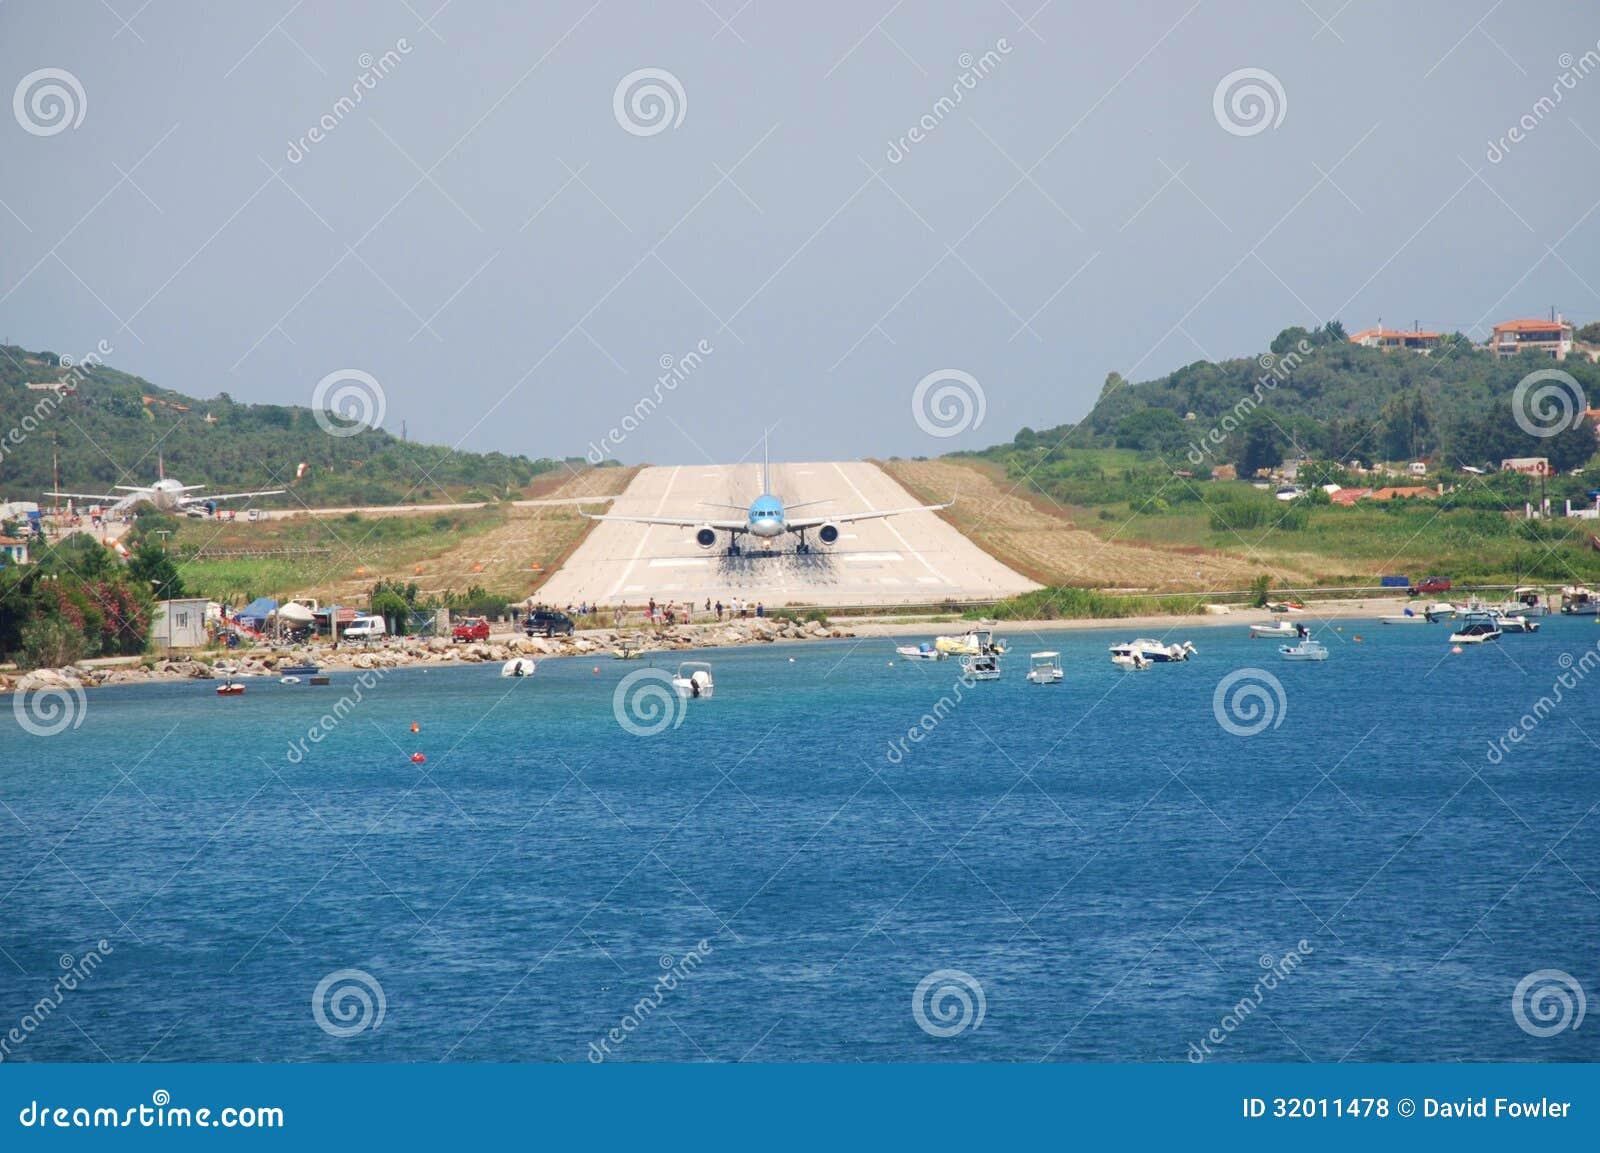 Aeroporto Skiathos : Aeroporto di skiathos grecia fotografia stock editoriale